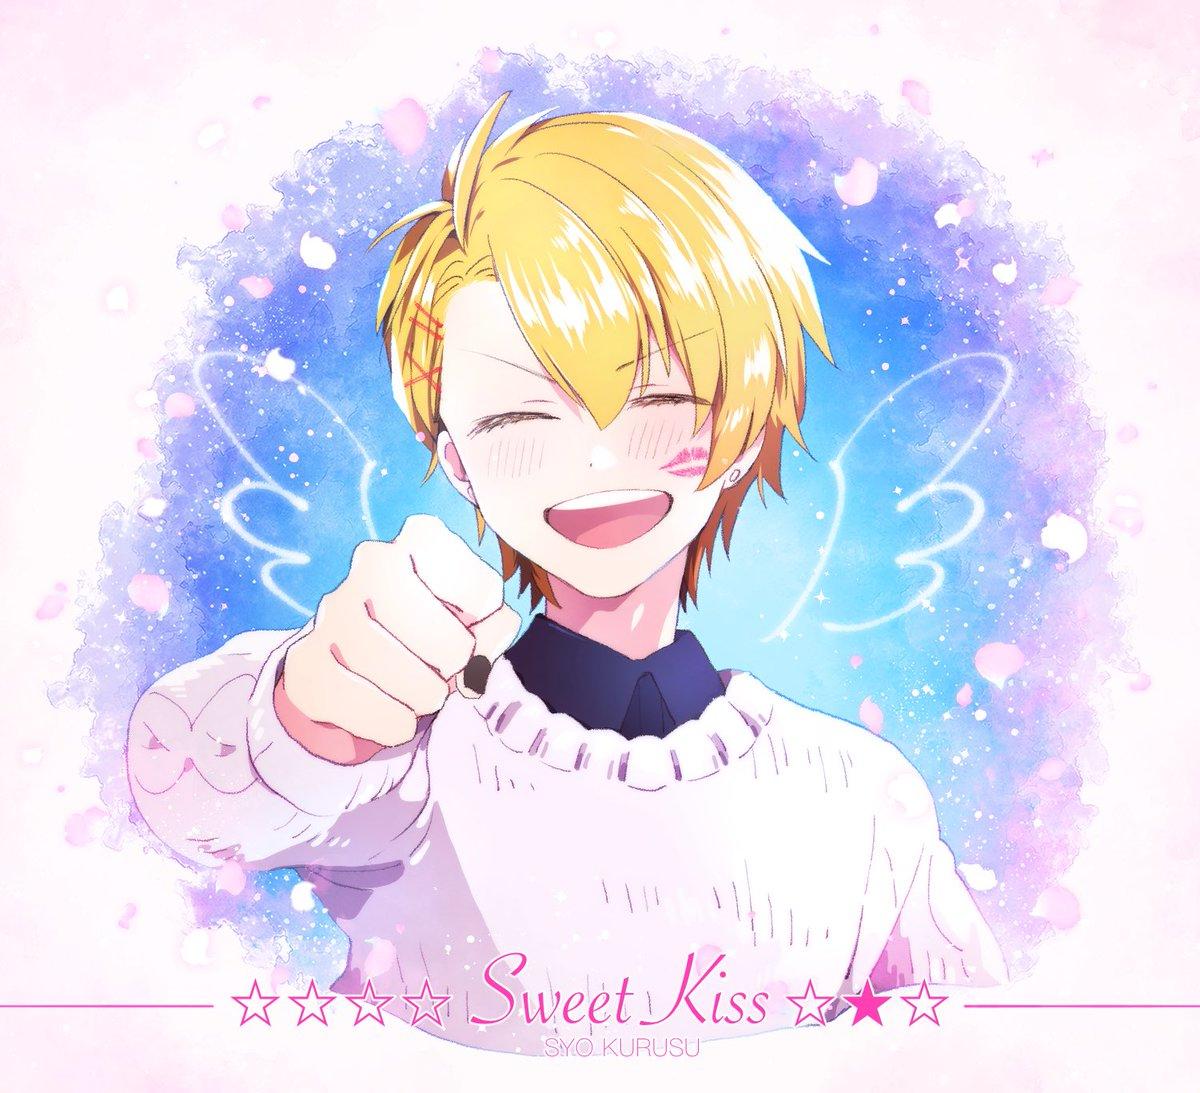 翔くん、2週間ずっと、元気とたくさんのキスをくれてありがとう!とっても幸せな時間でした。これからもついて行きたい。🌸オリコンウィークリーCDアルバムランキング1位、本当におめでとう!Love Sweet Chu😚💋#SweetKiss#来栖翔